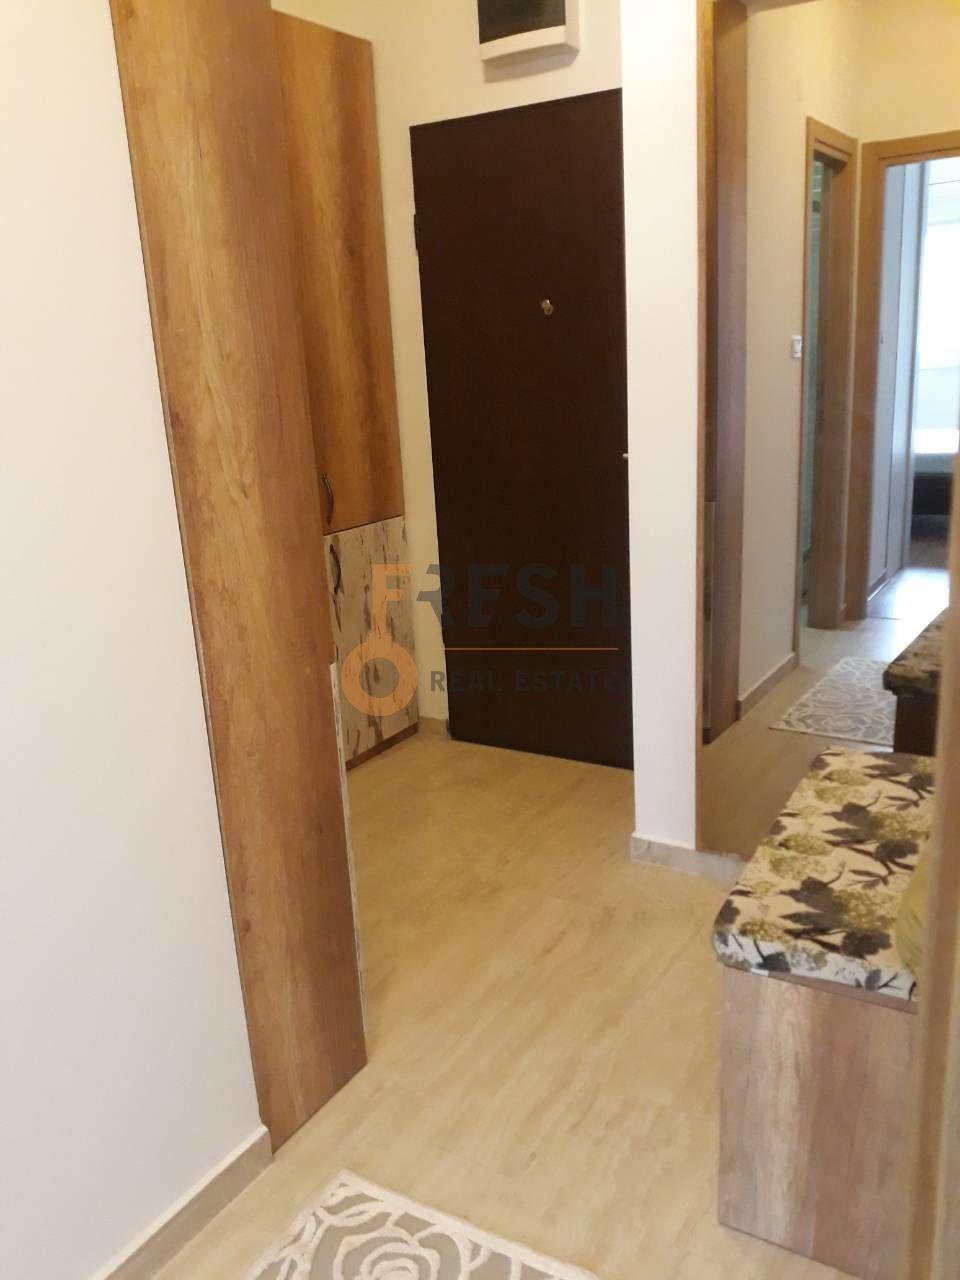 Lux jednosoban stan, 52m2, Ljubović, Izdavanje - 15